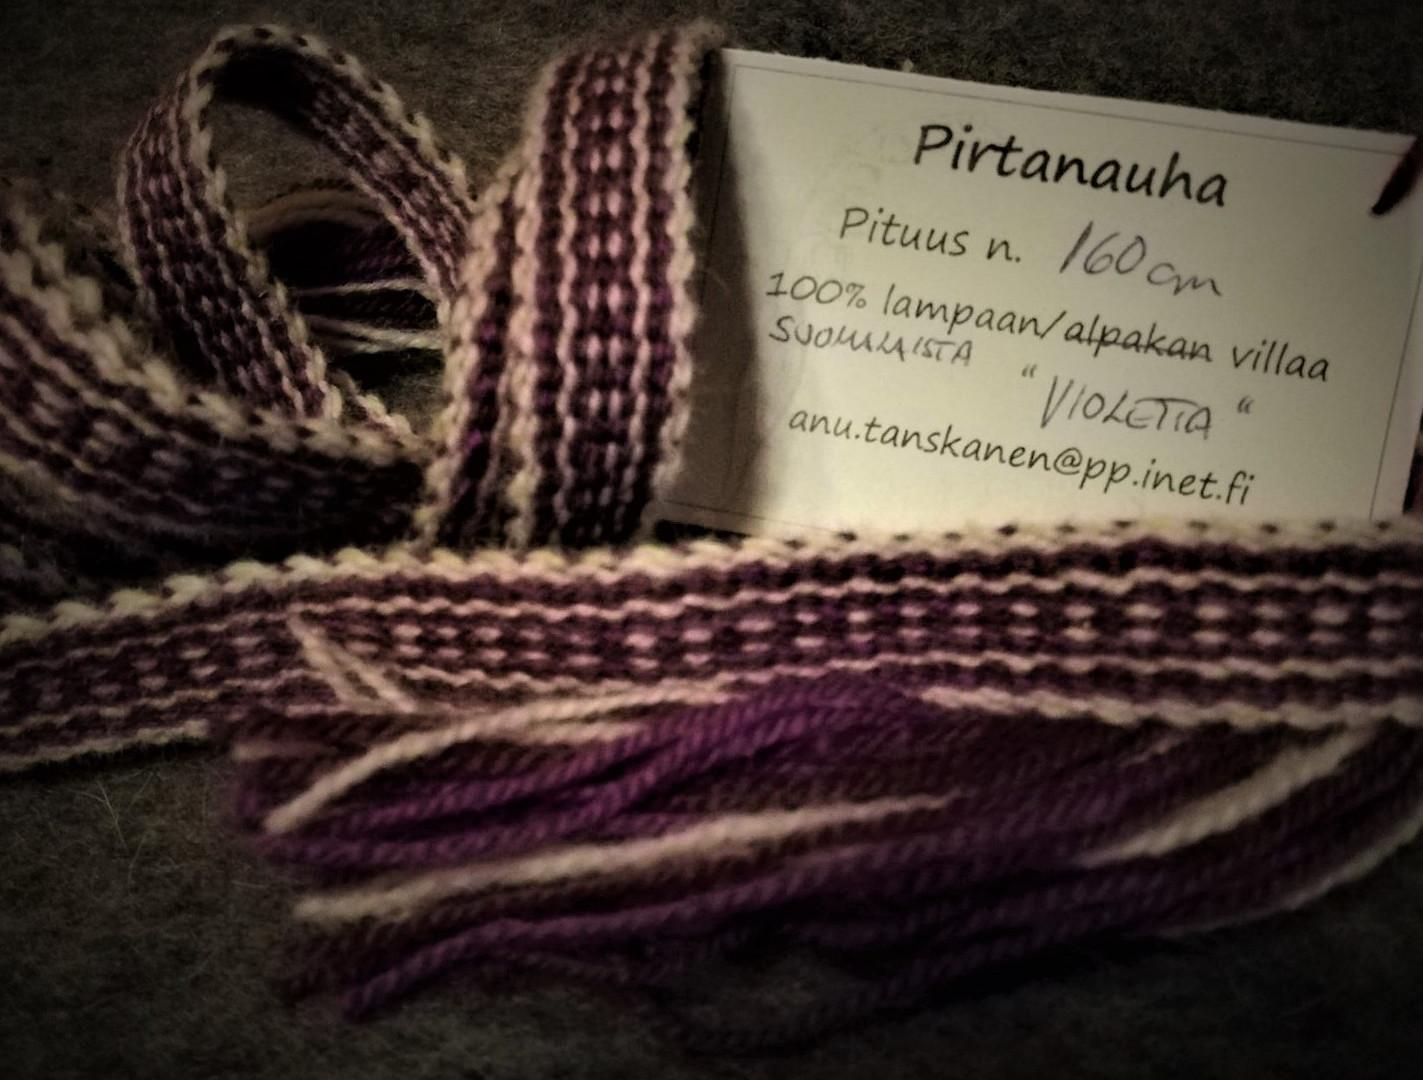 Kielomäki_Pirtanauha_Violetta.jpg